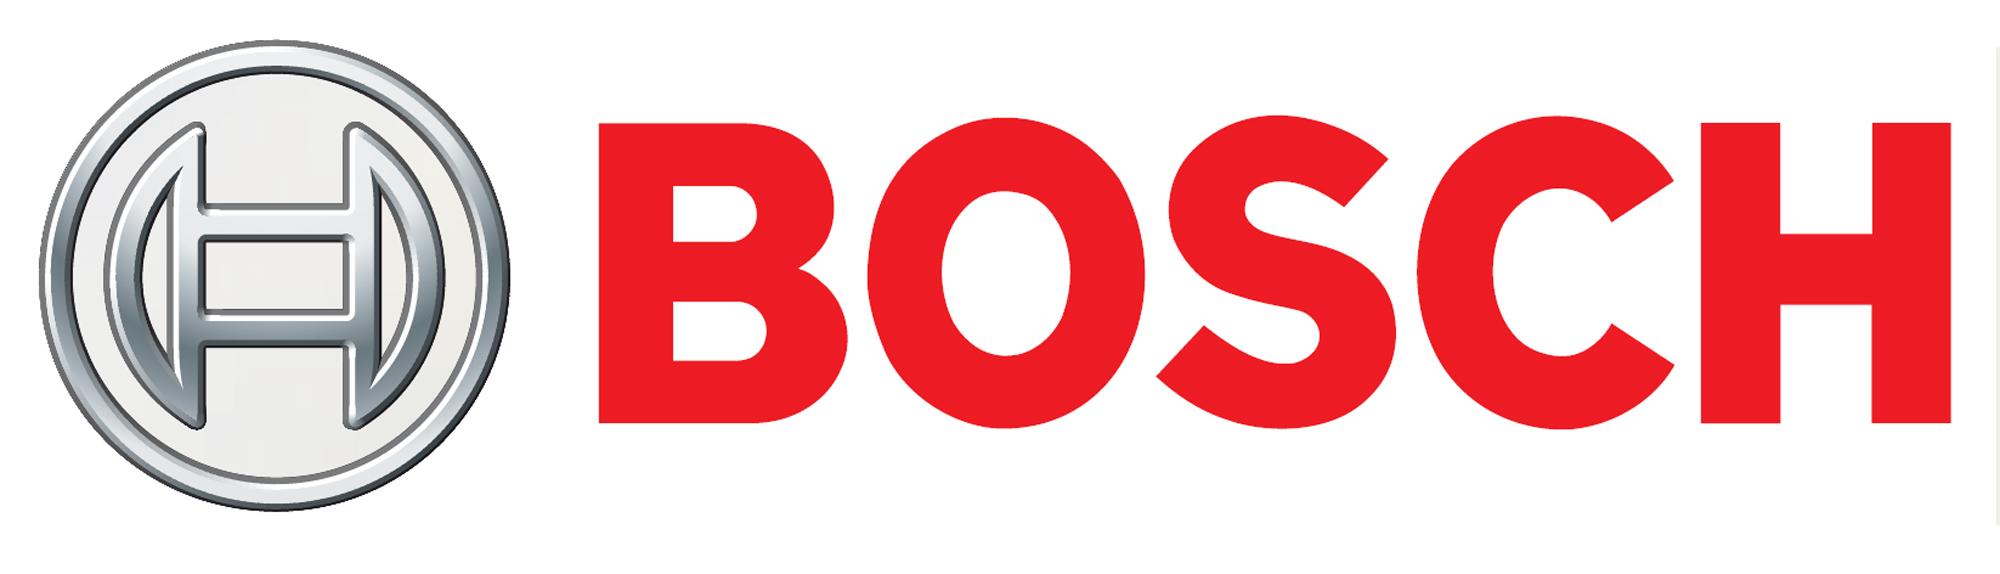 Bosch-logo-2